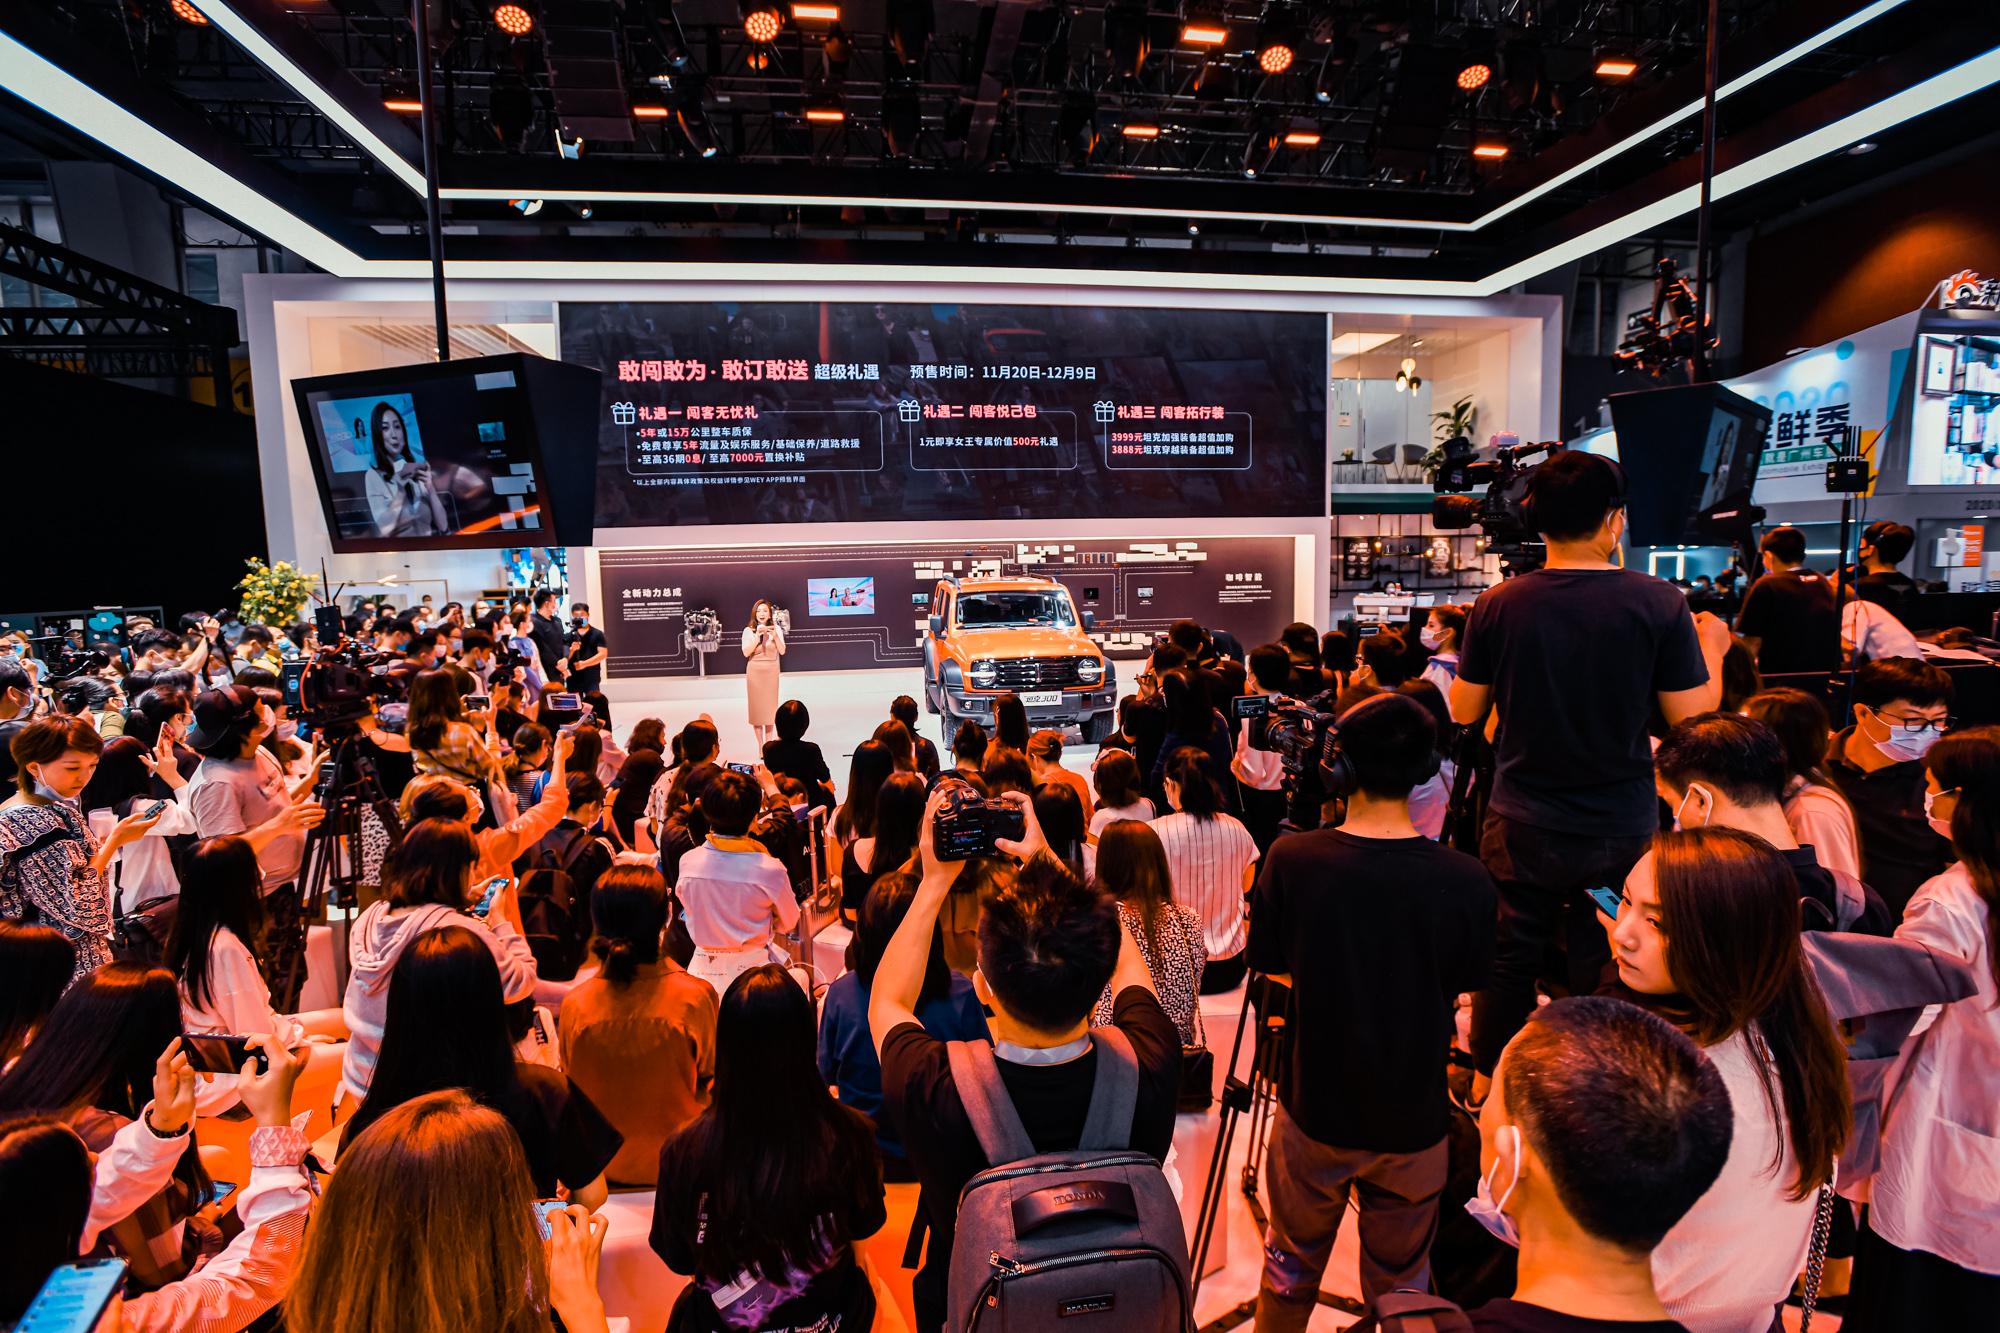 好物来袭潮玩世界长城汽车登陆广州车展演绎焕新企业文化